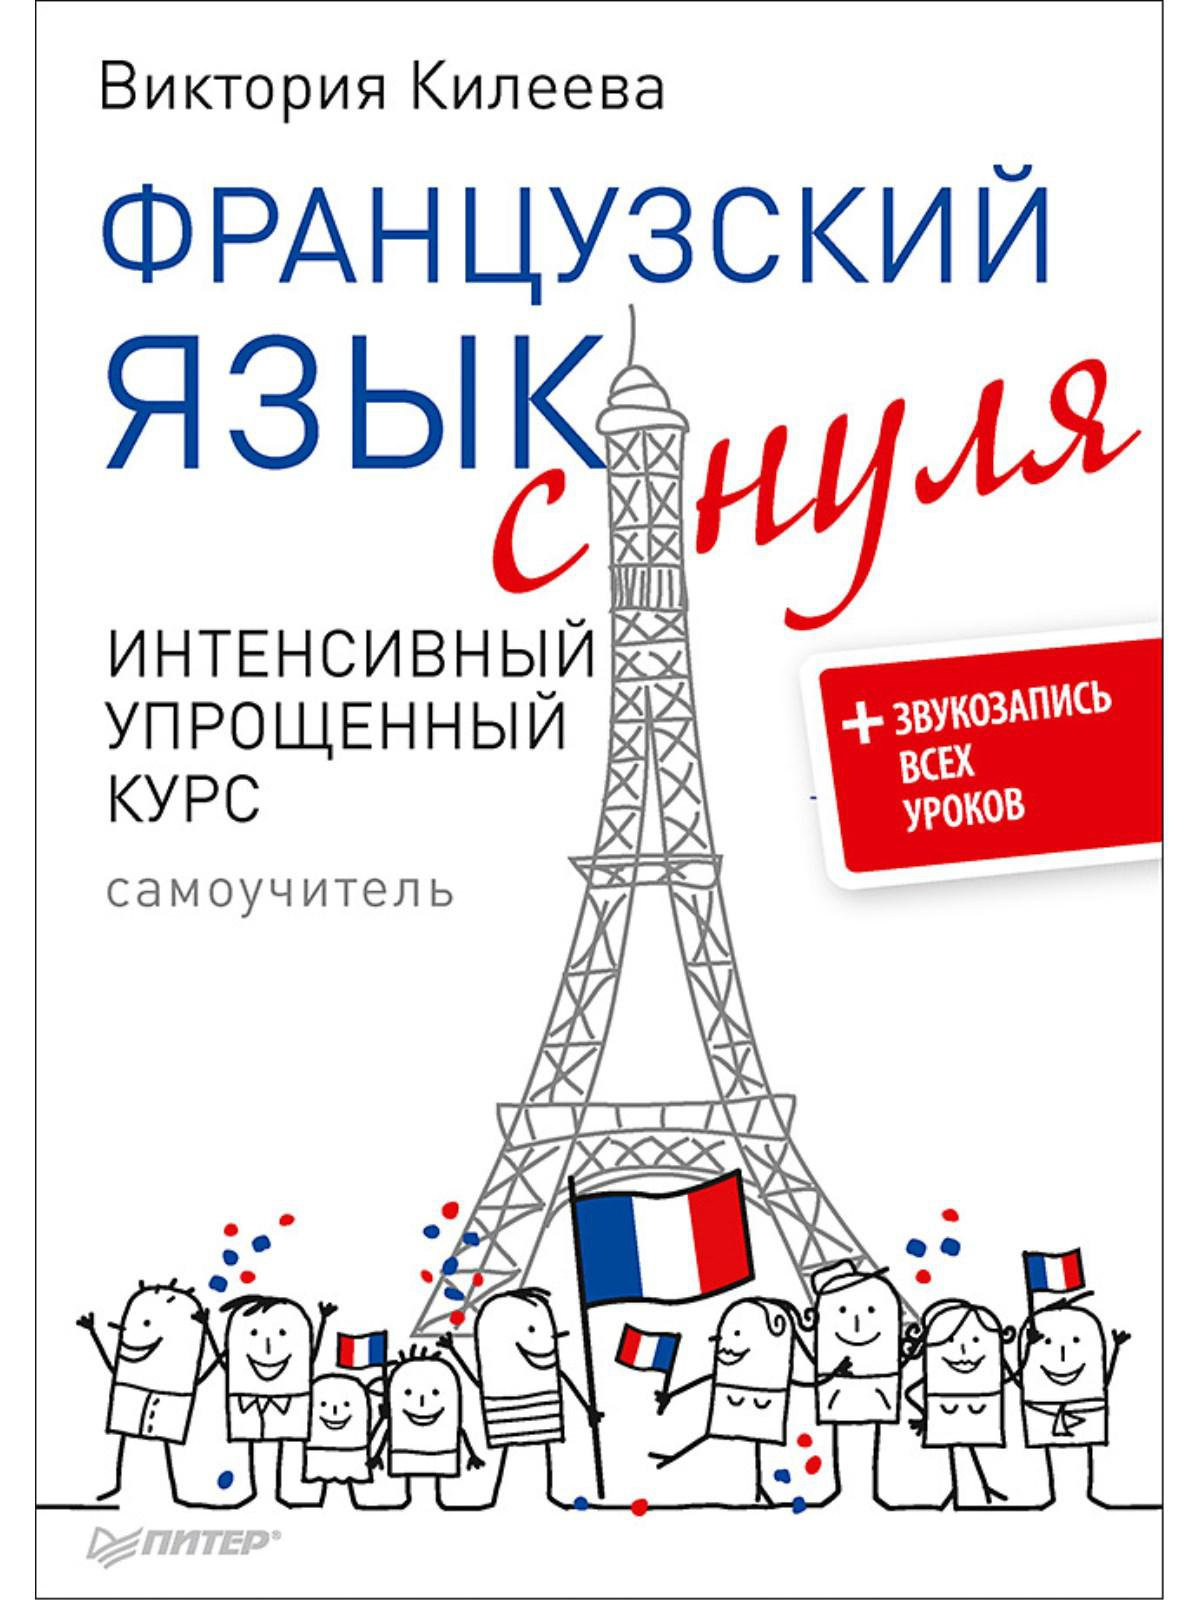 Килеева В А Французский язык с нуля. Интенсивный упрощенный курс + Звукозапись всех уроков